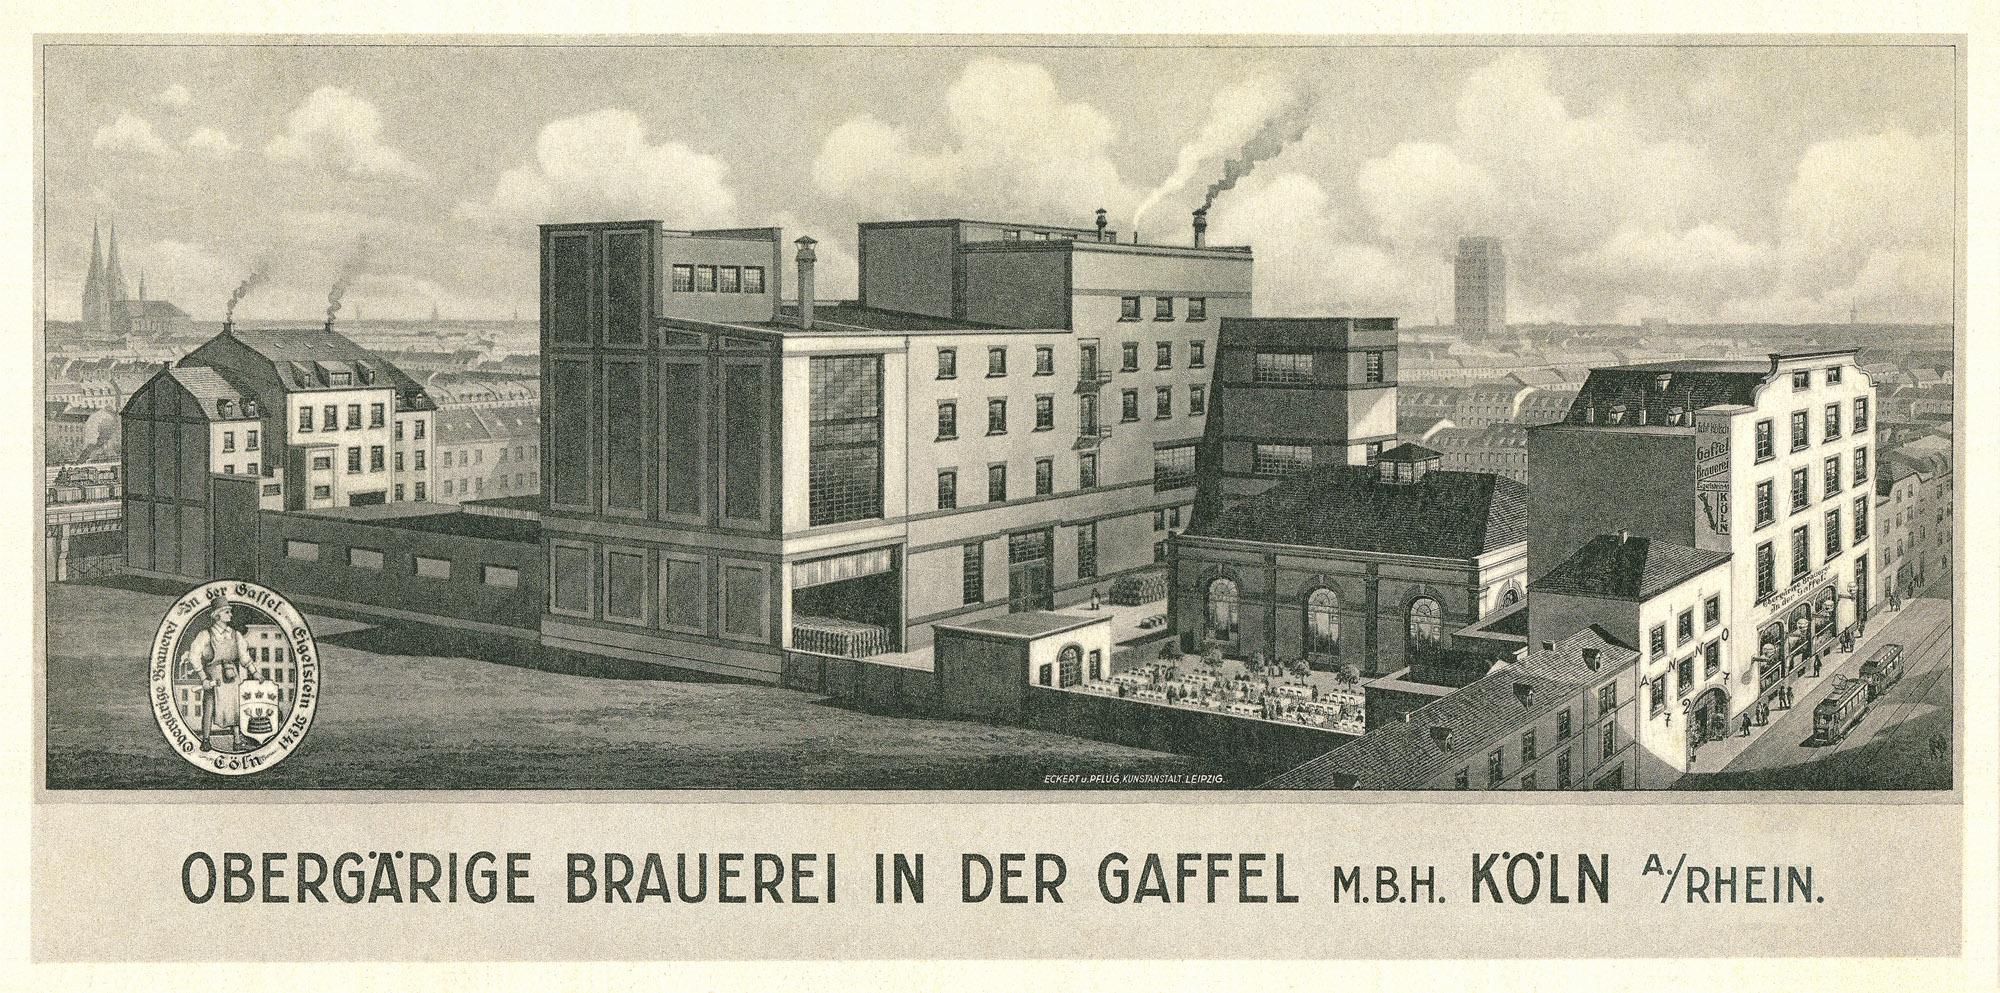 Privatbrauerei Gaffel - 111 Jahre Brautradition in Köln